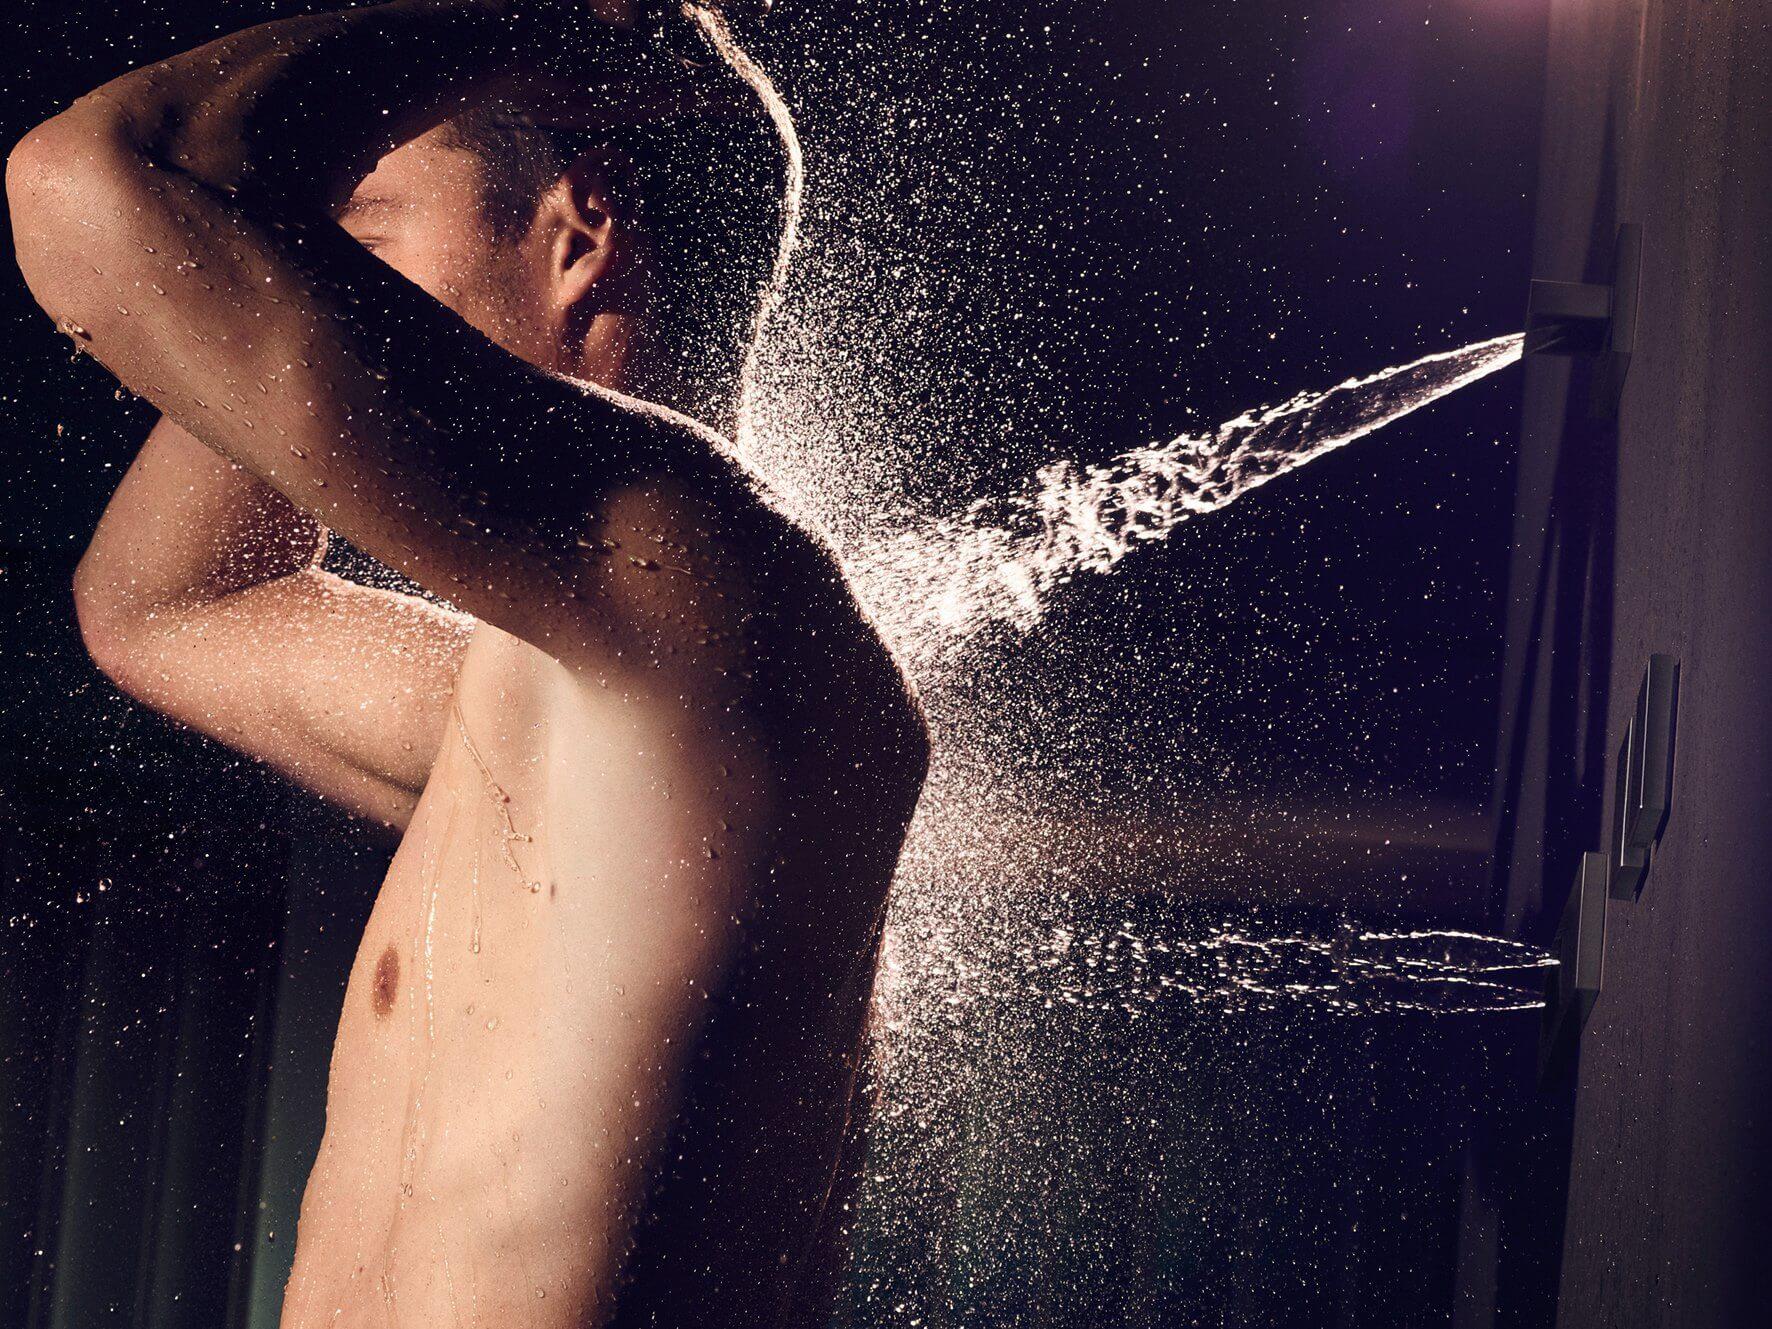 Vertical Shower eignet sich dank verschiedener Darreichungsformen und vorprogrammierter Signature Treatments für zahlreiche gesundheitsfördernde und präventive Anwendungen. Neu sind die Massagedüsen WaterFan und WaterCurve. Neben einer wohltuenden Nacken- oder Rückenmassage ermöglichen diese die gezielte Stimulation von Druckpunkten und Meridianen (Aquapressur). Foto: Dornbracht